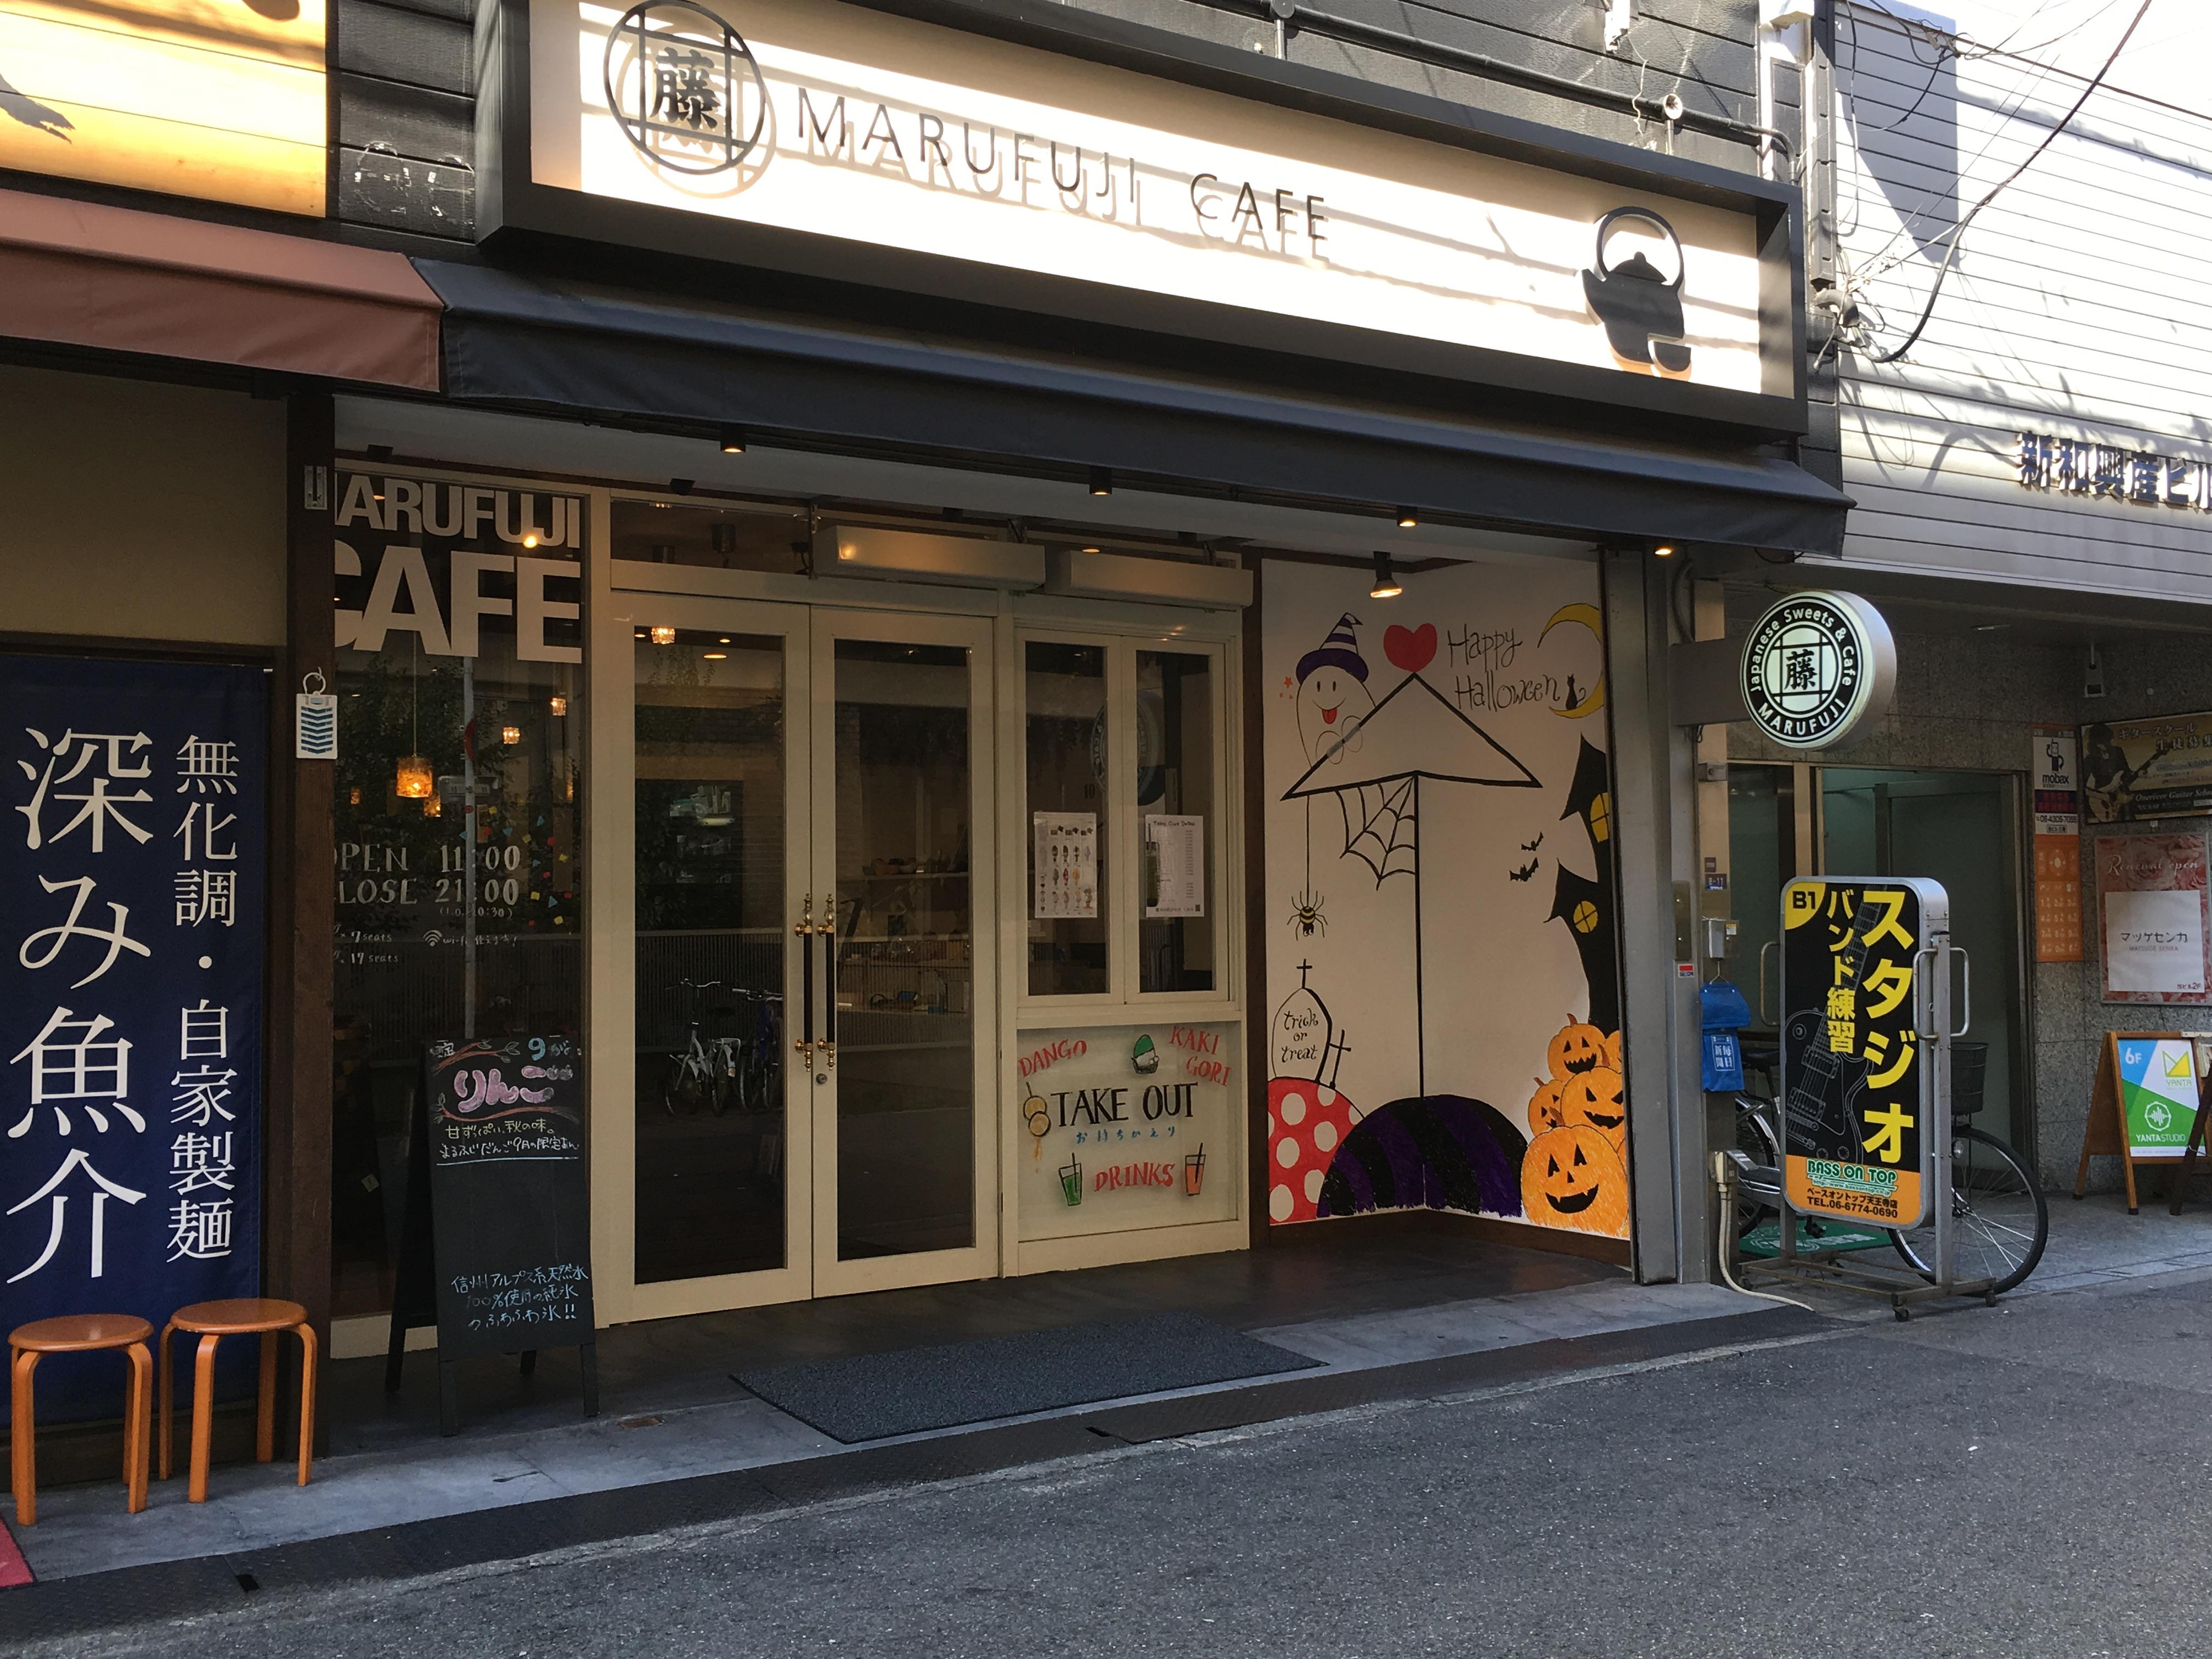 大阪天王寺の話題スポット「MARUFUJI CAFE」の奇抜スイーツを味わってきた!